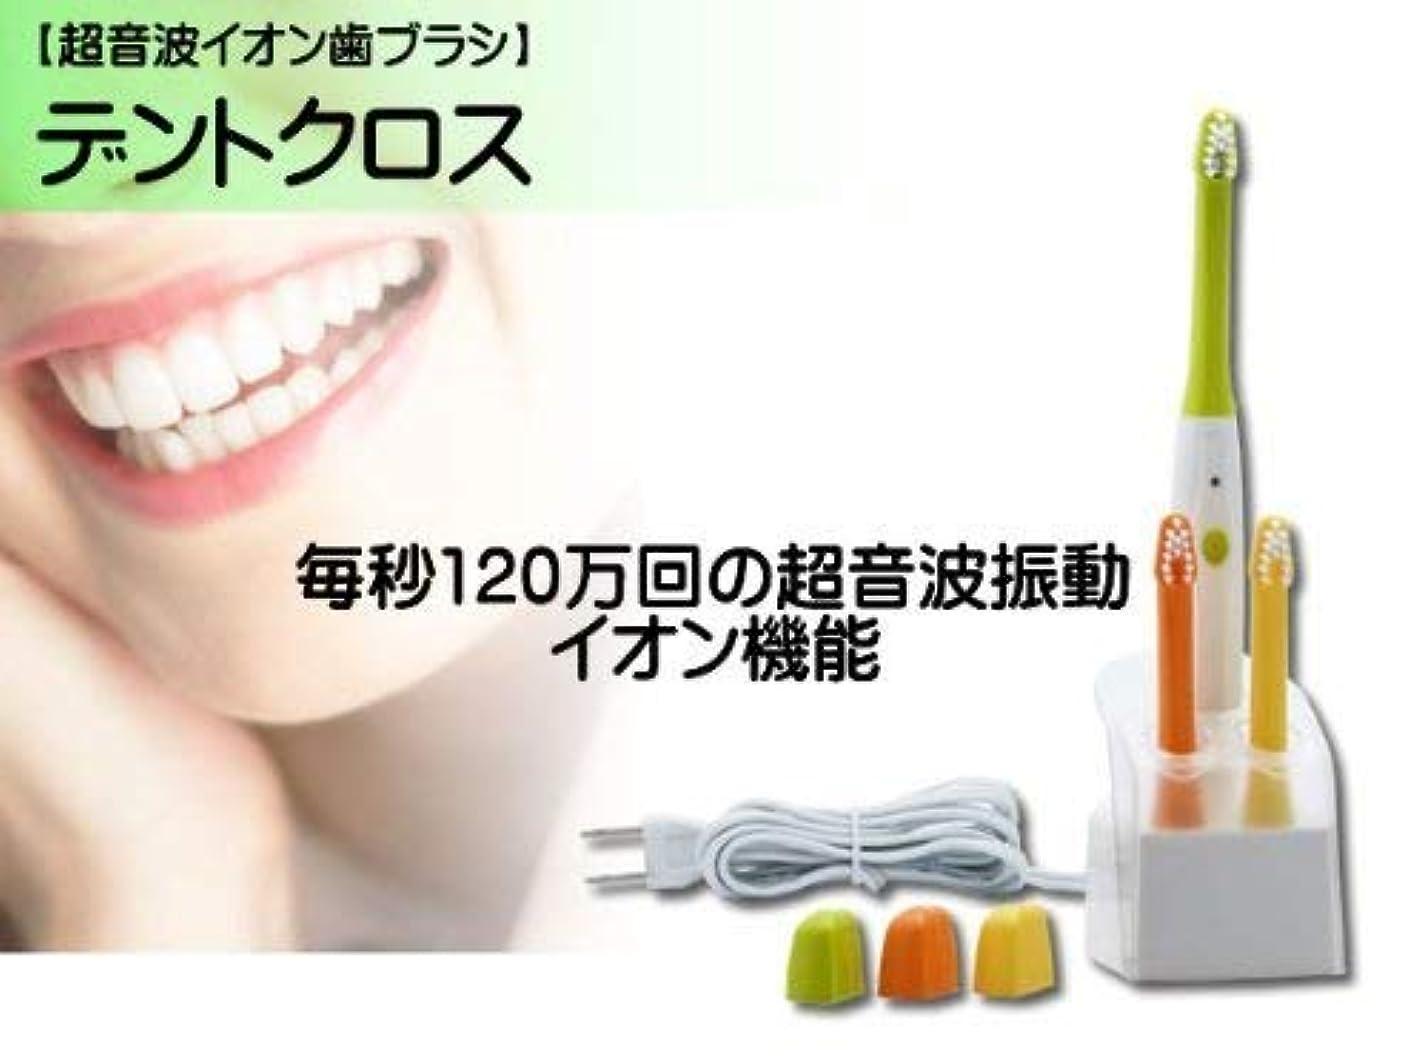 逮捕パイプきらめき超音波歯ブラシ Supersonic×Ion Toothbrush PURO i